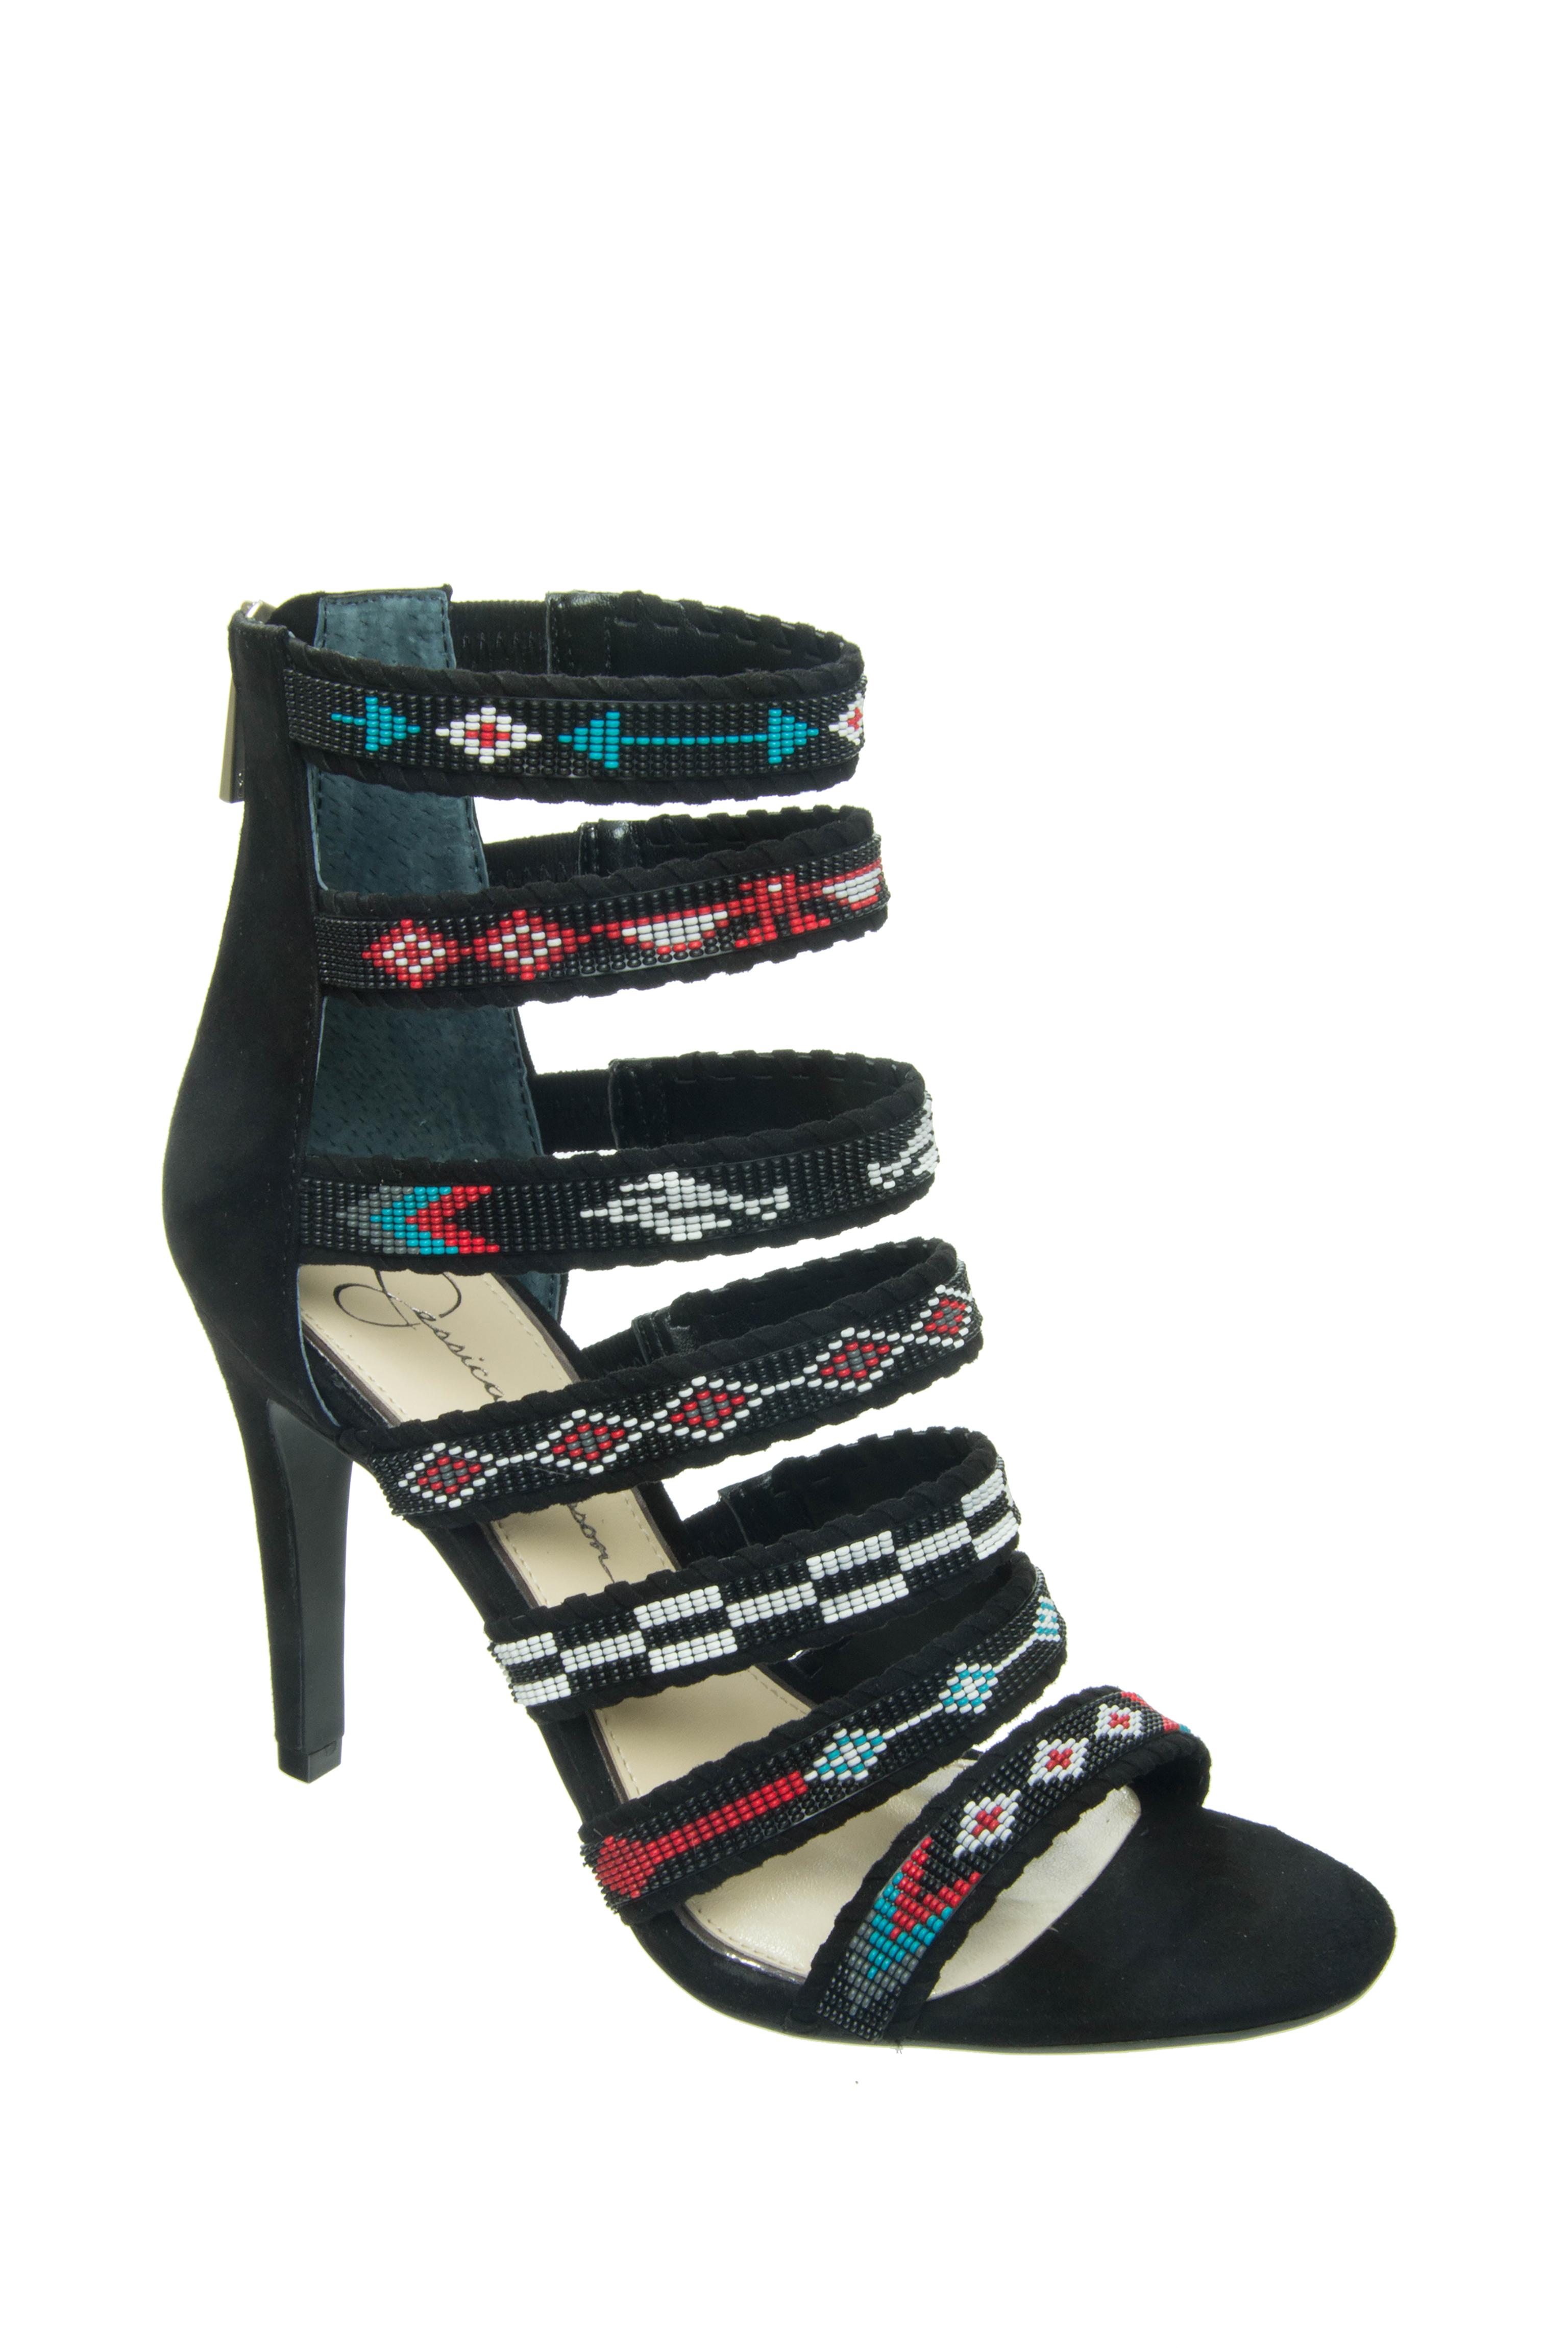 Jessica Simpson Erienne High Heel Sandals - Black